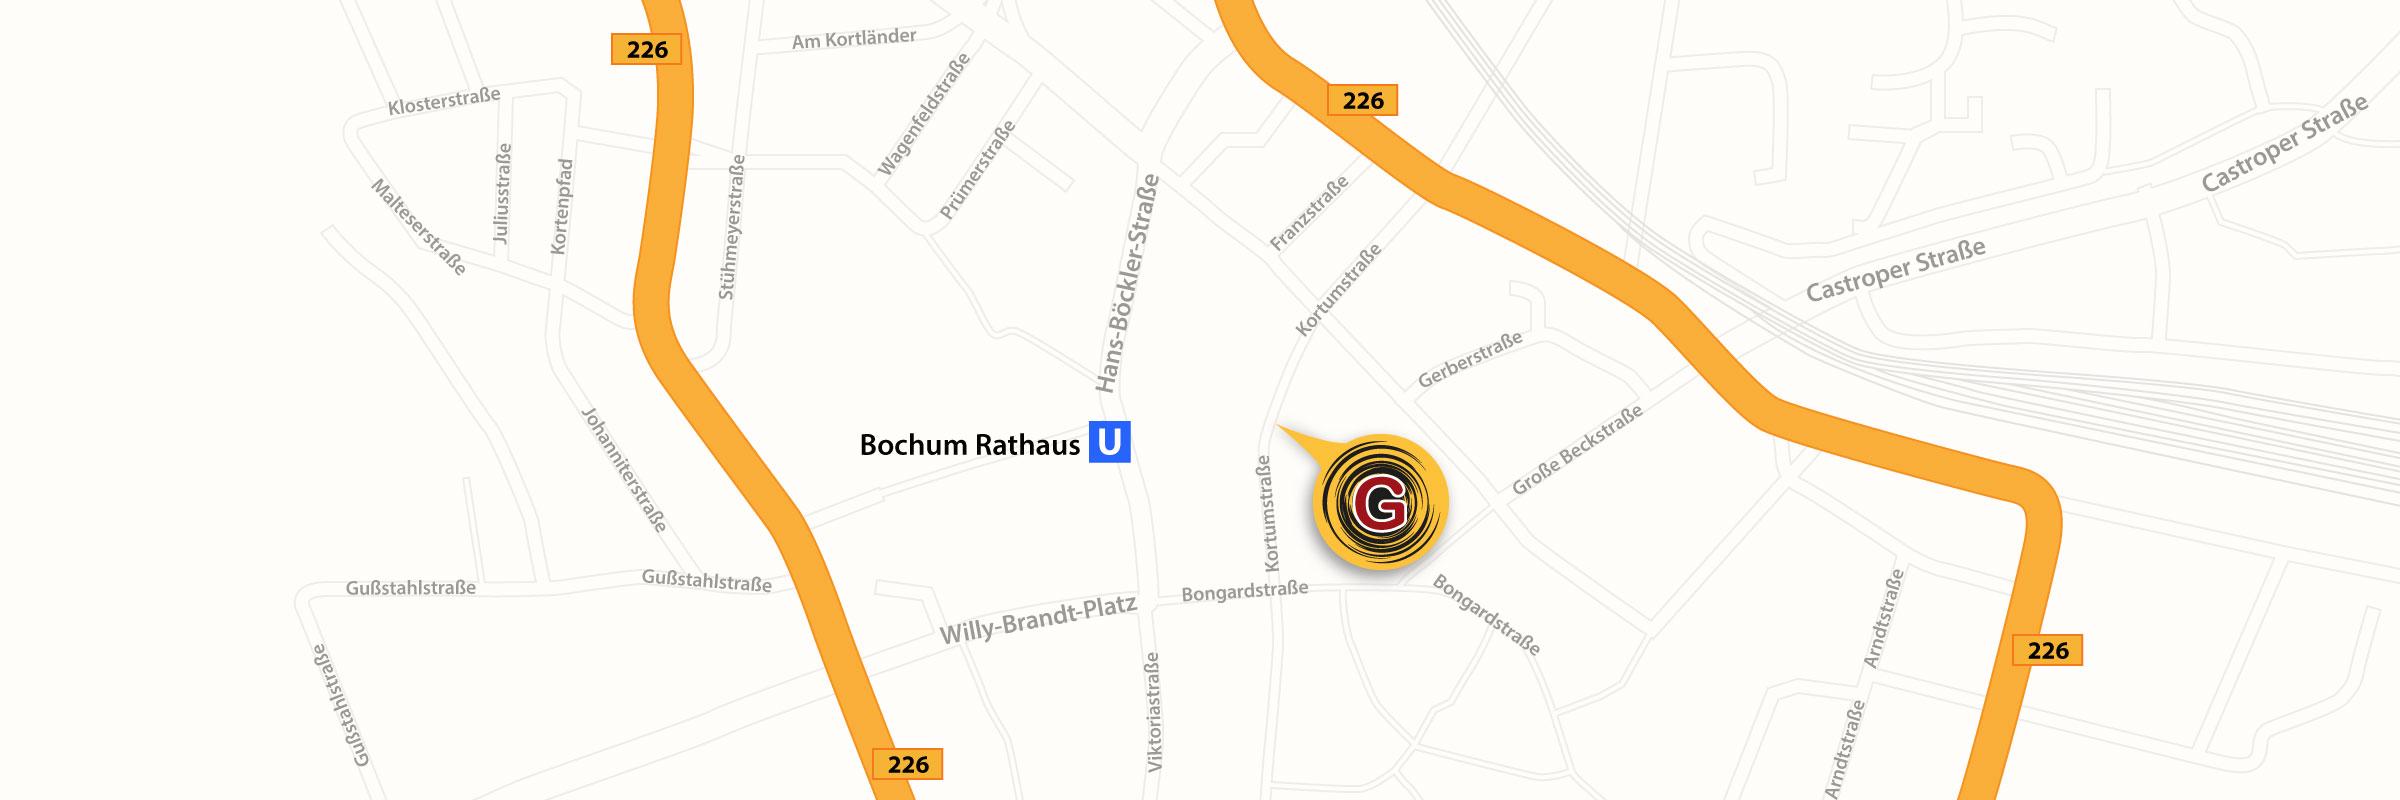 Lagebeschreibung vom Beratungsnetzwerk Grenzgänger, Stadtplan Innenstadt Bochum